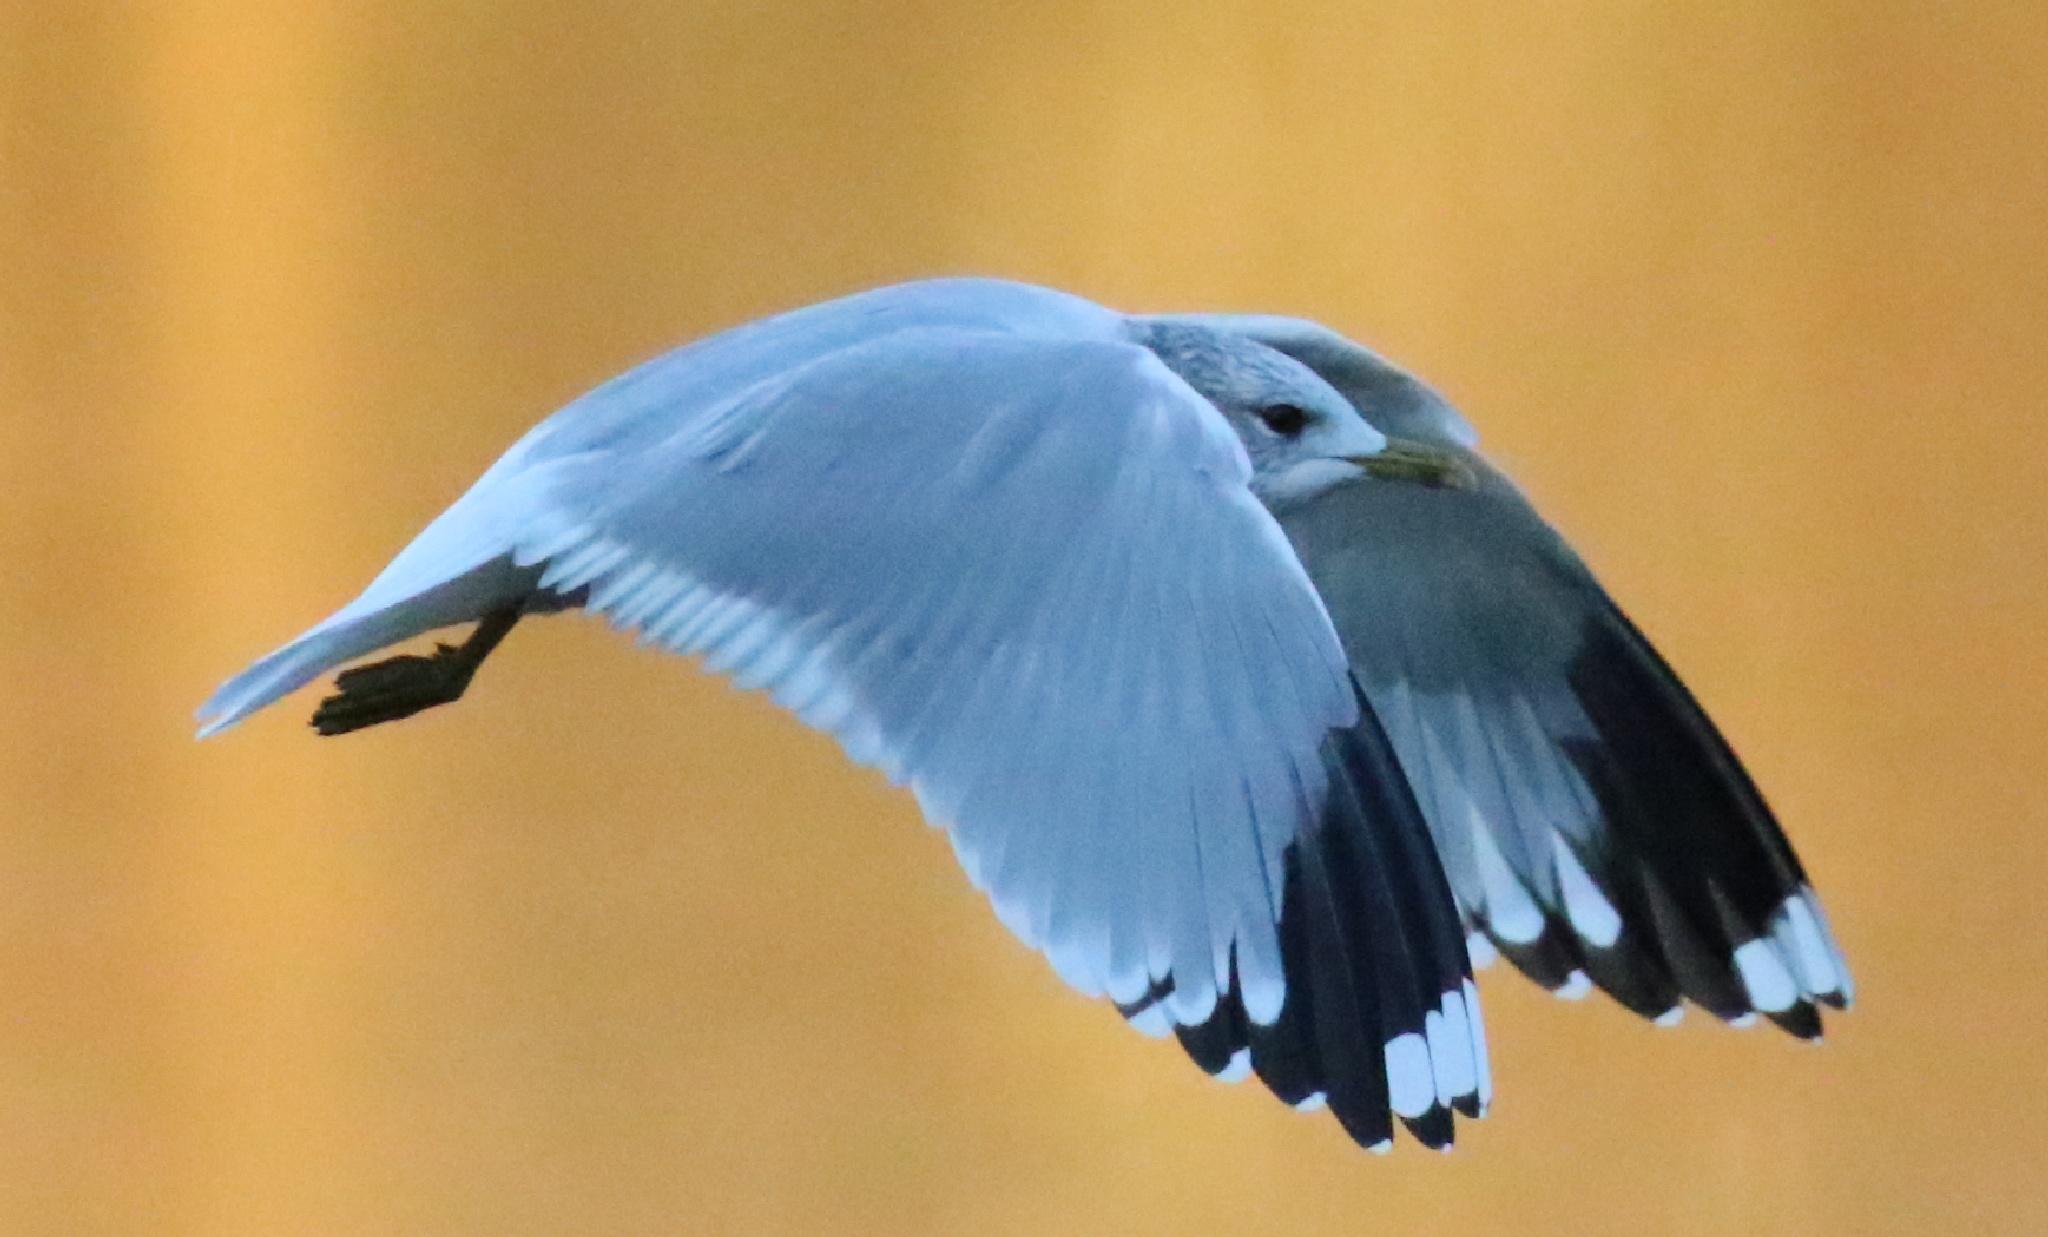 Seagull flying by Atilla Gunhan Photograpy